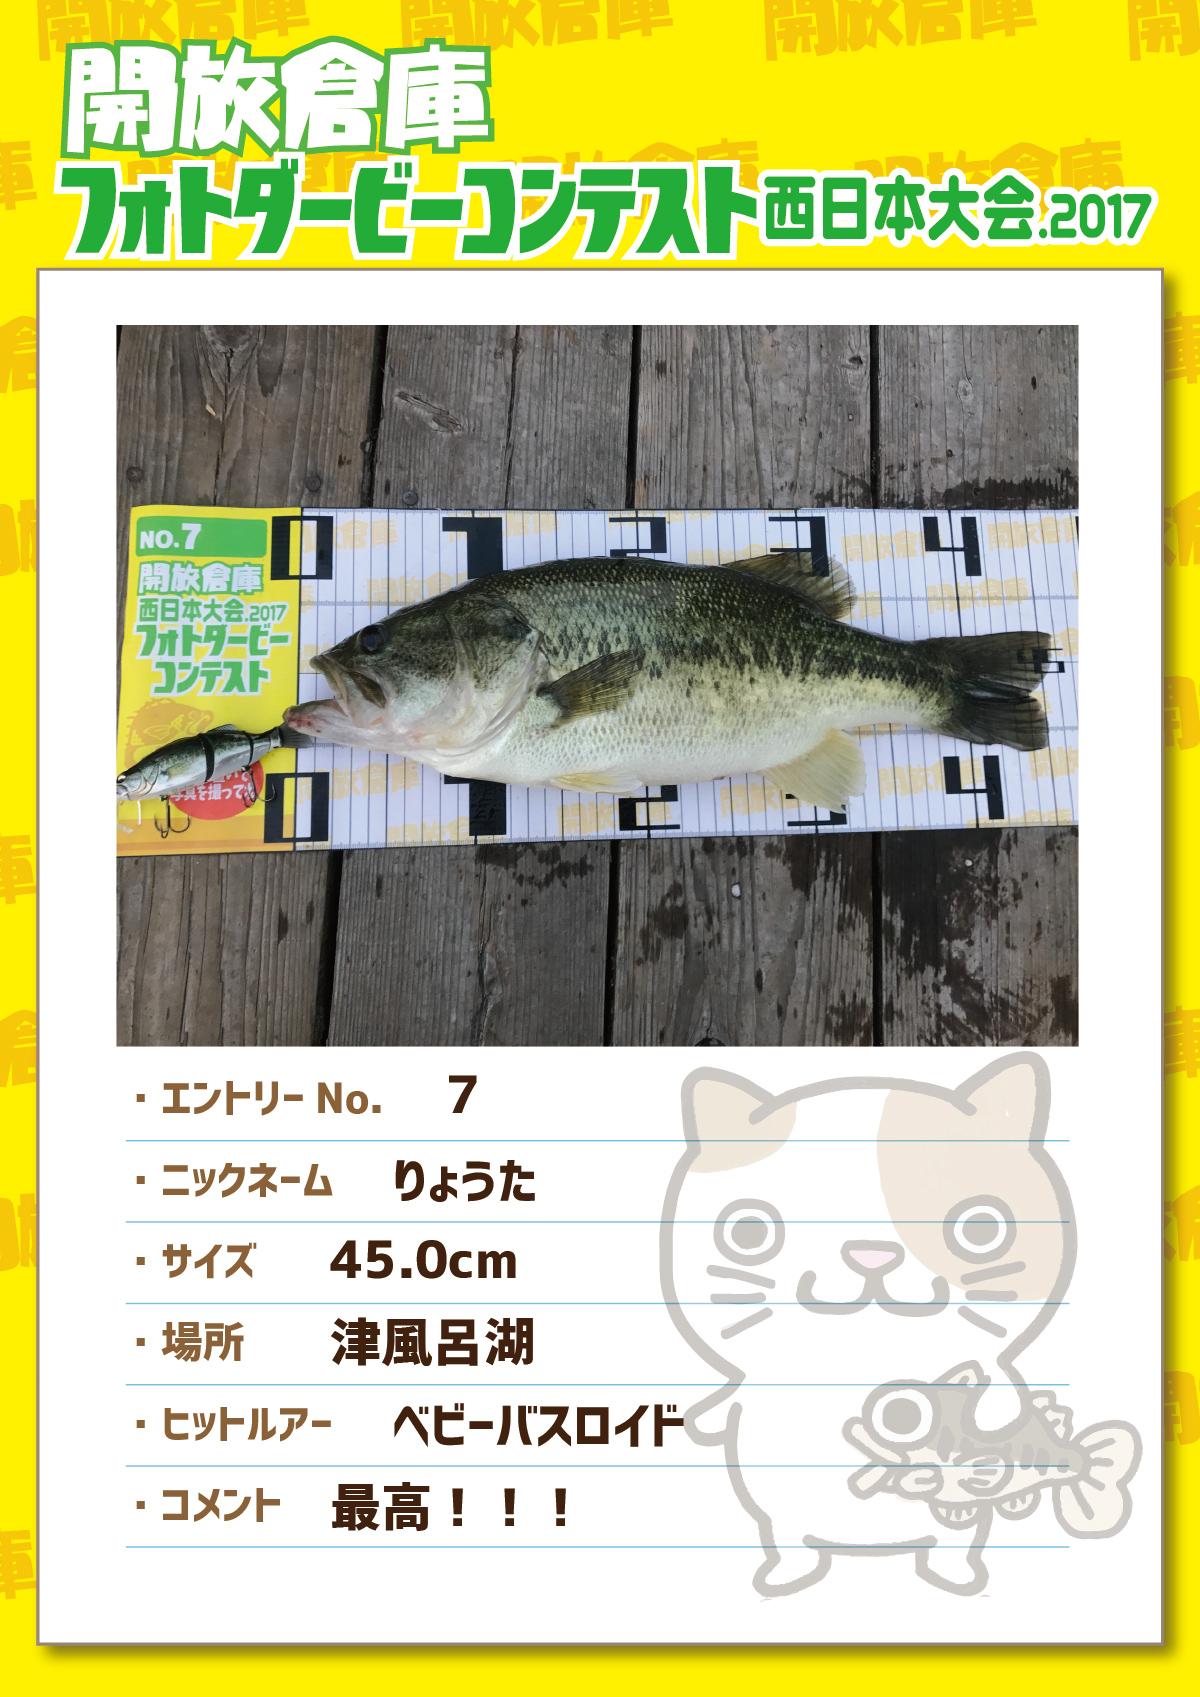 No.007 りょうた 45.0cm 津府呂湖 ベビーバスロイド 最高!!!